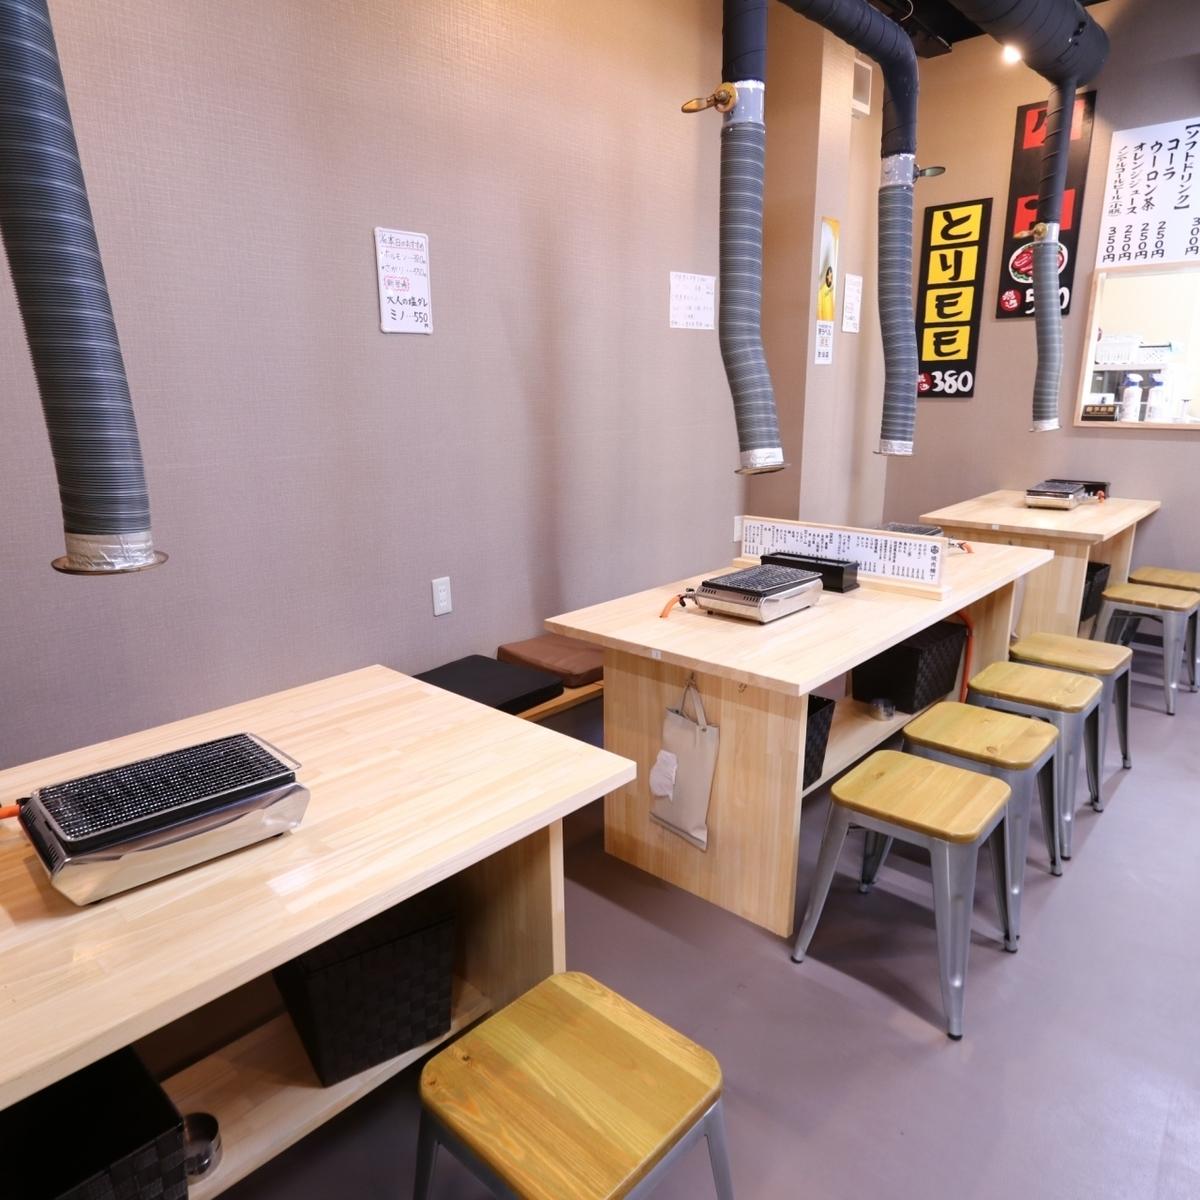 它是沙发和椅子的座位,最多可容纳8人。我们会根据人数准备。您可以在每个场景中享受Yakiniku派对。推荐小宴会/欢迎招待会!